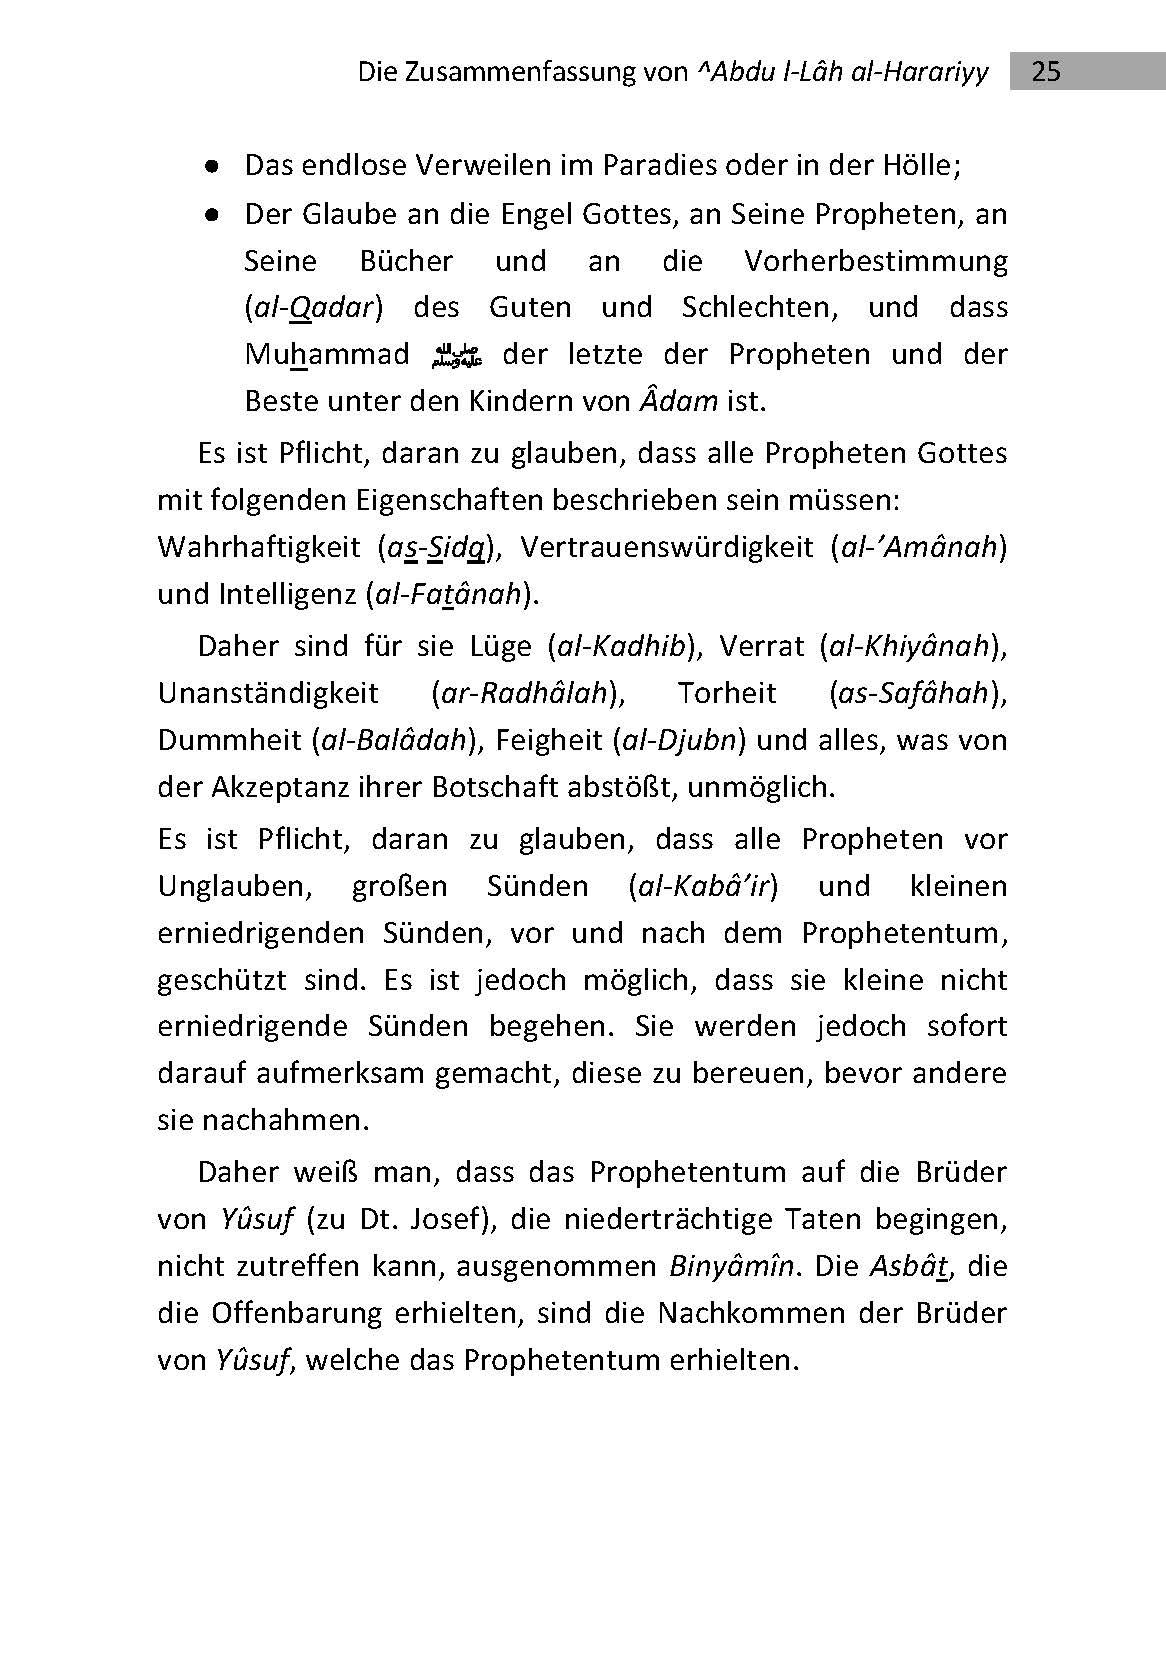 Die Zusammenfassung - 3. Auflage 2014_Seite_25